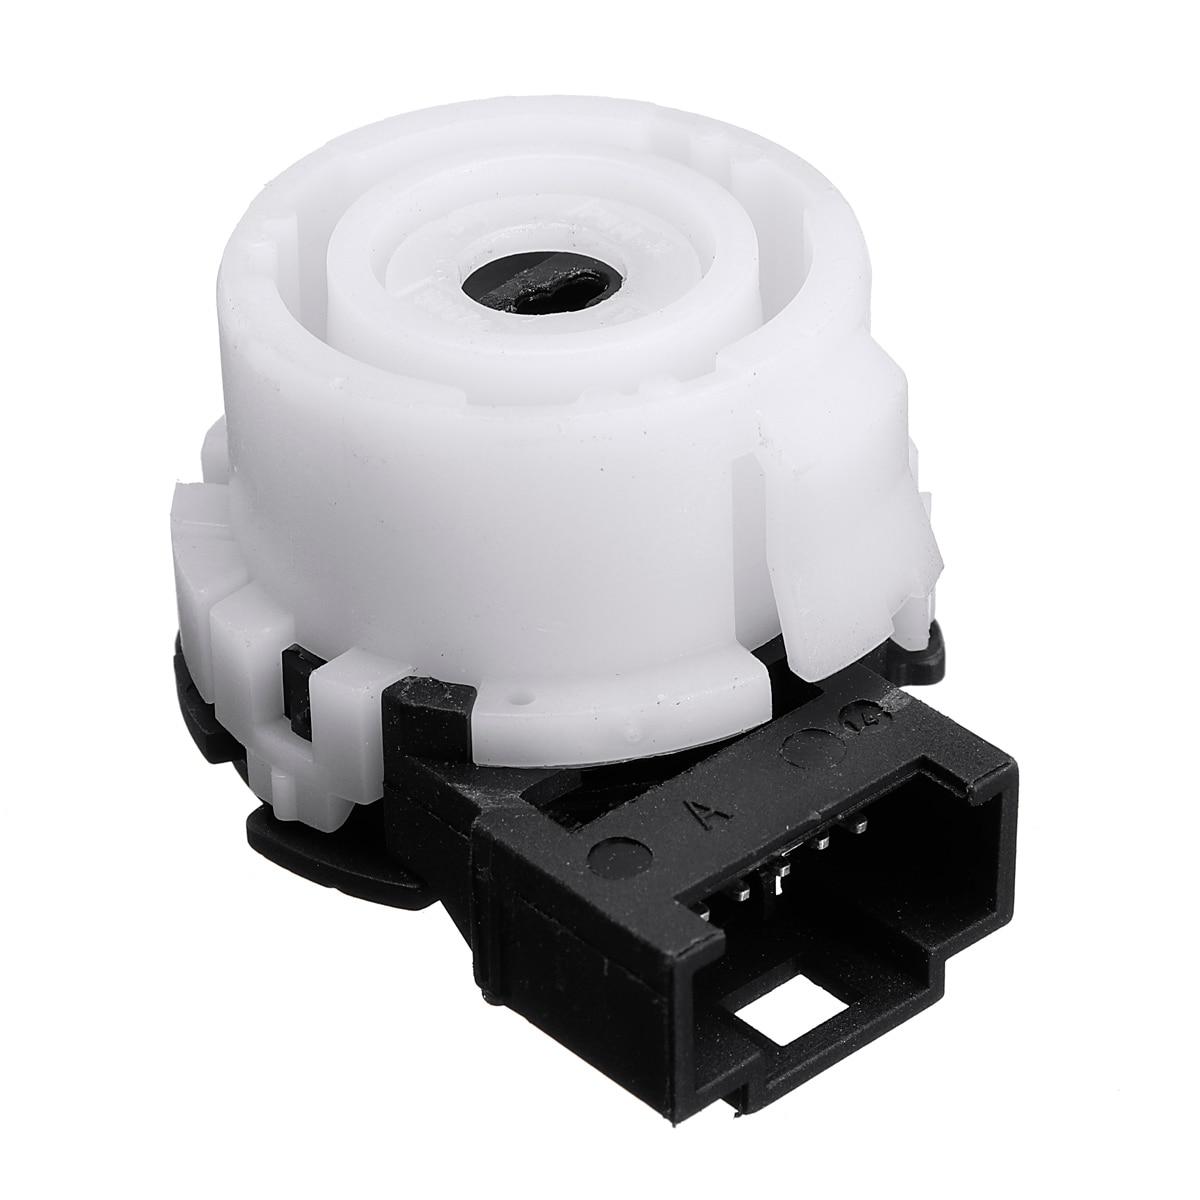 Interruptor de encendido Interruptor de encendido Bloqueo de direcci/ón Barril Carcasa para Asiento 1K0905851B 1K0905865